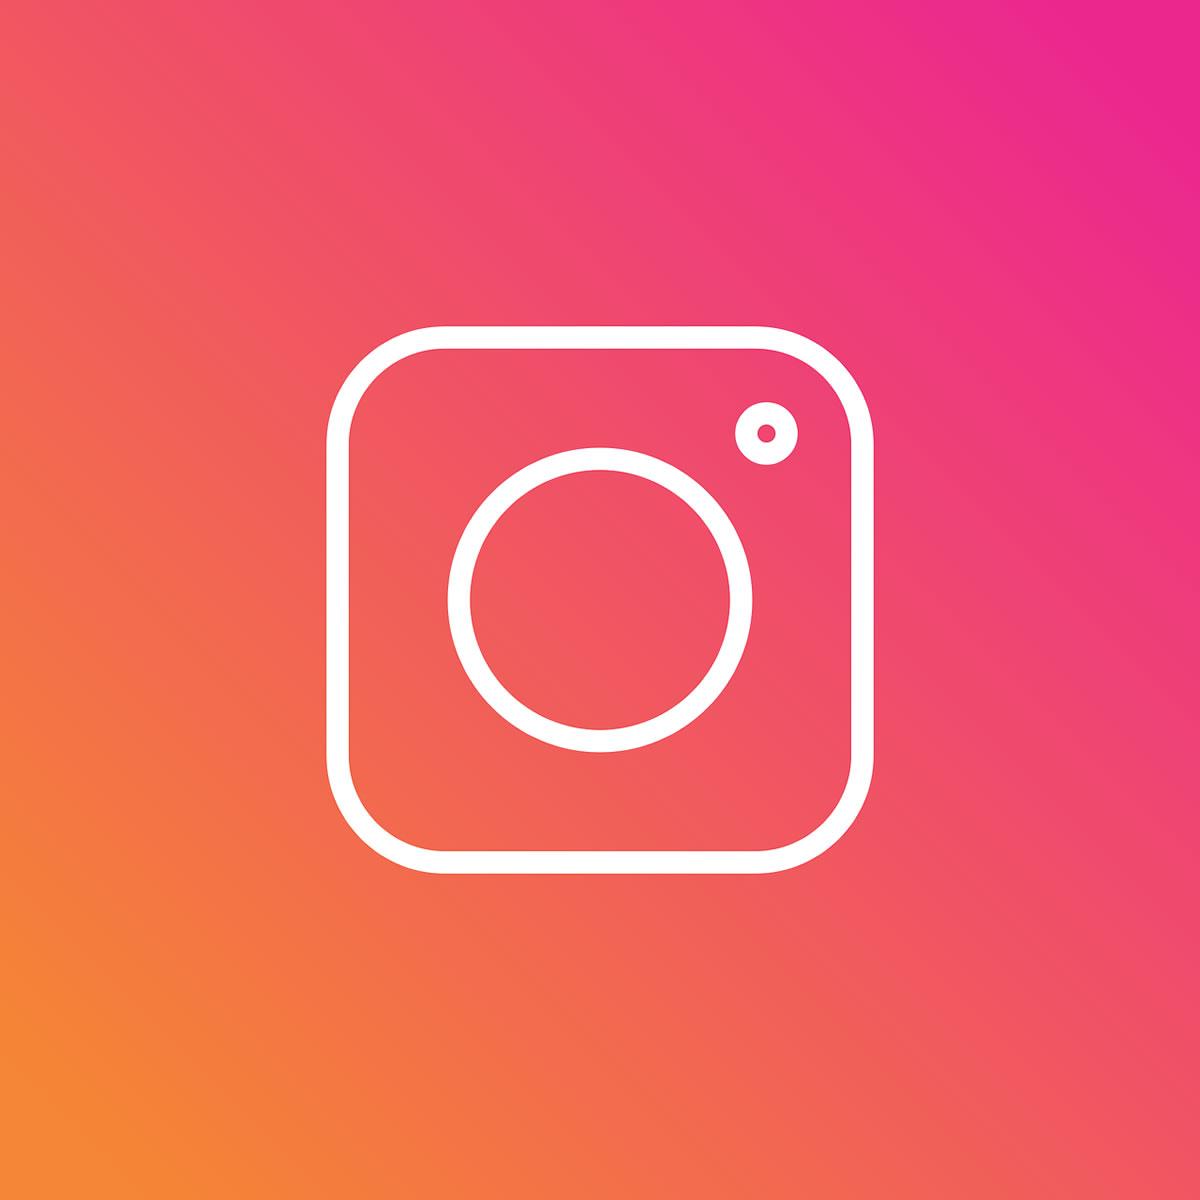 Instagram(インスタグラム)のブランドコンテンツ広告はステマじゃない!